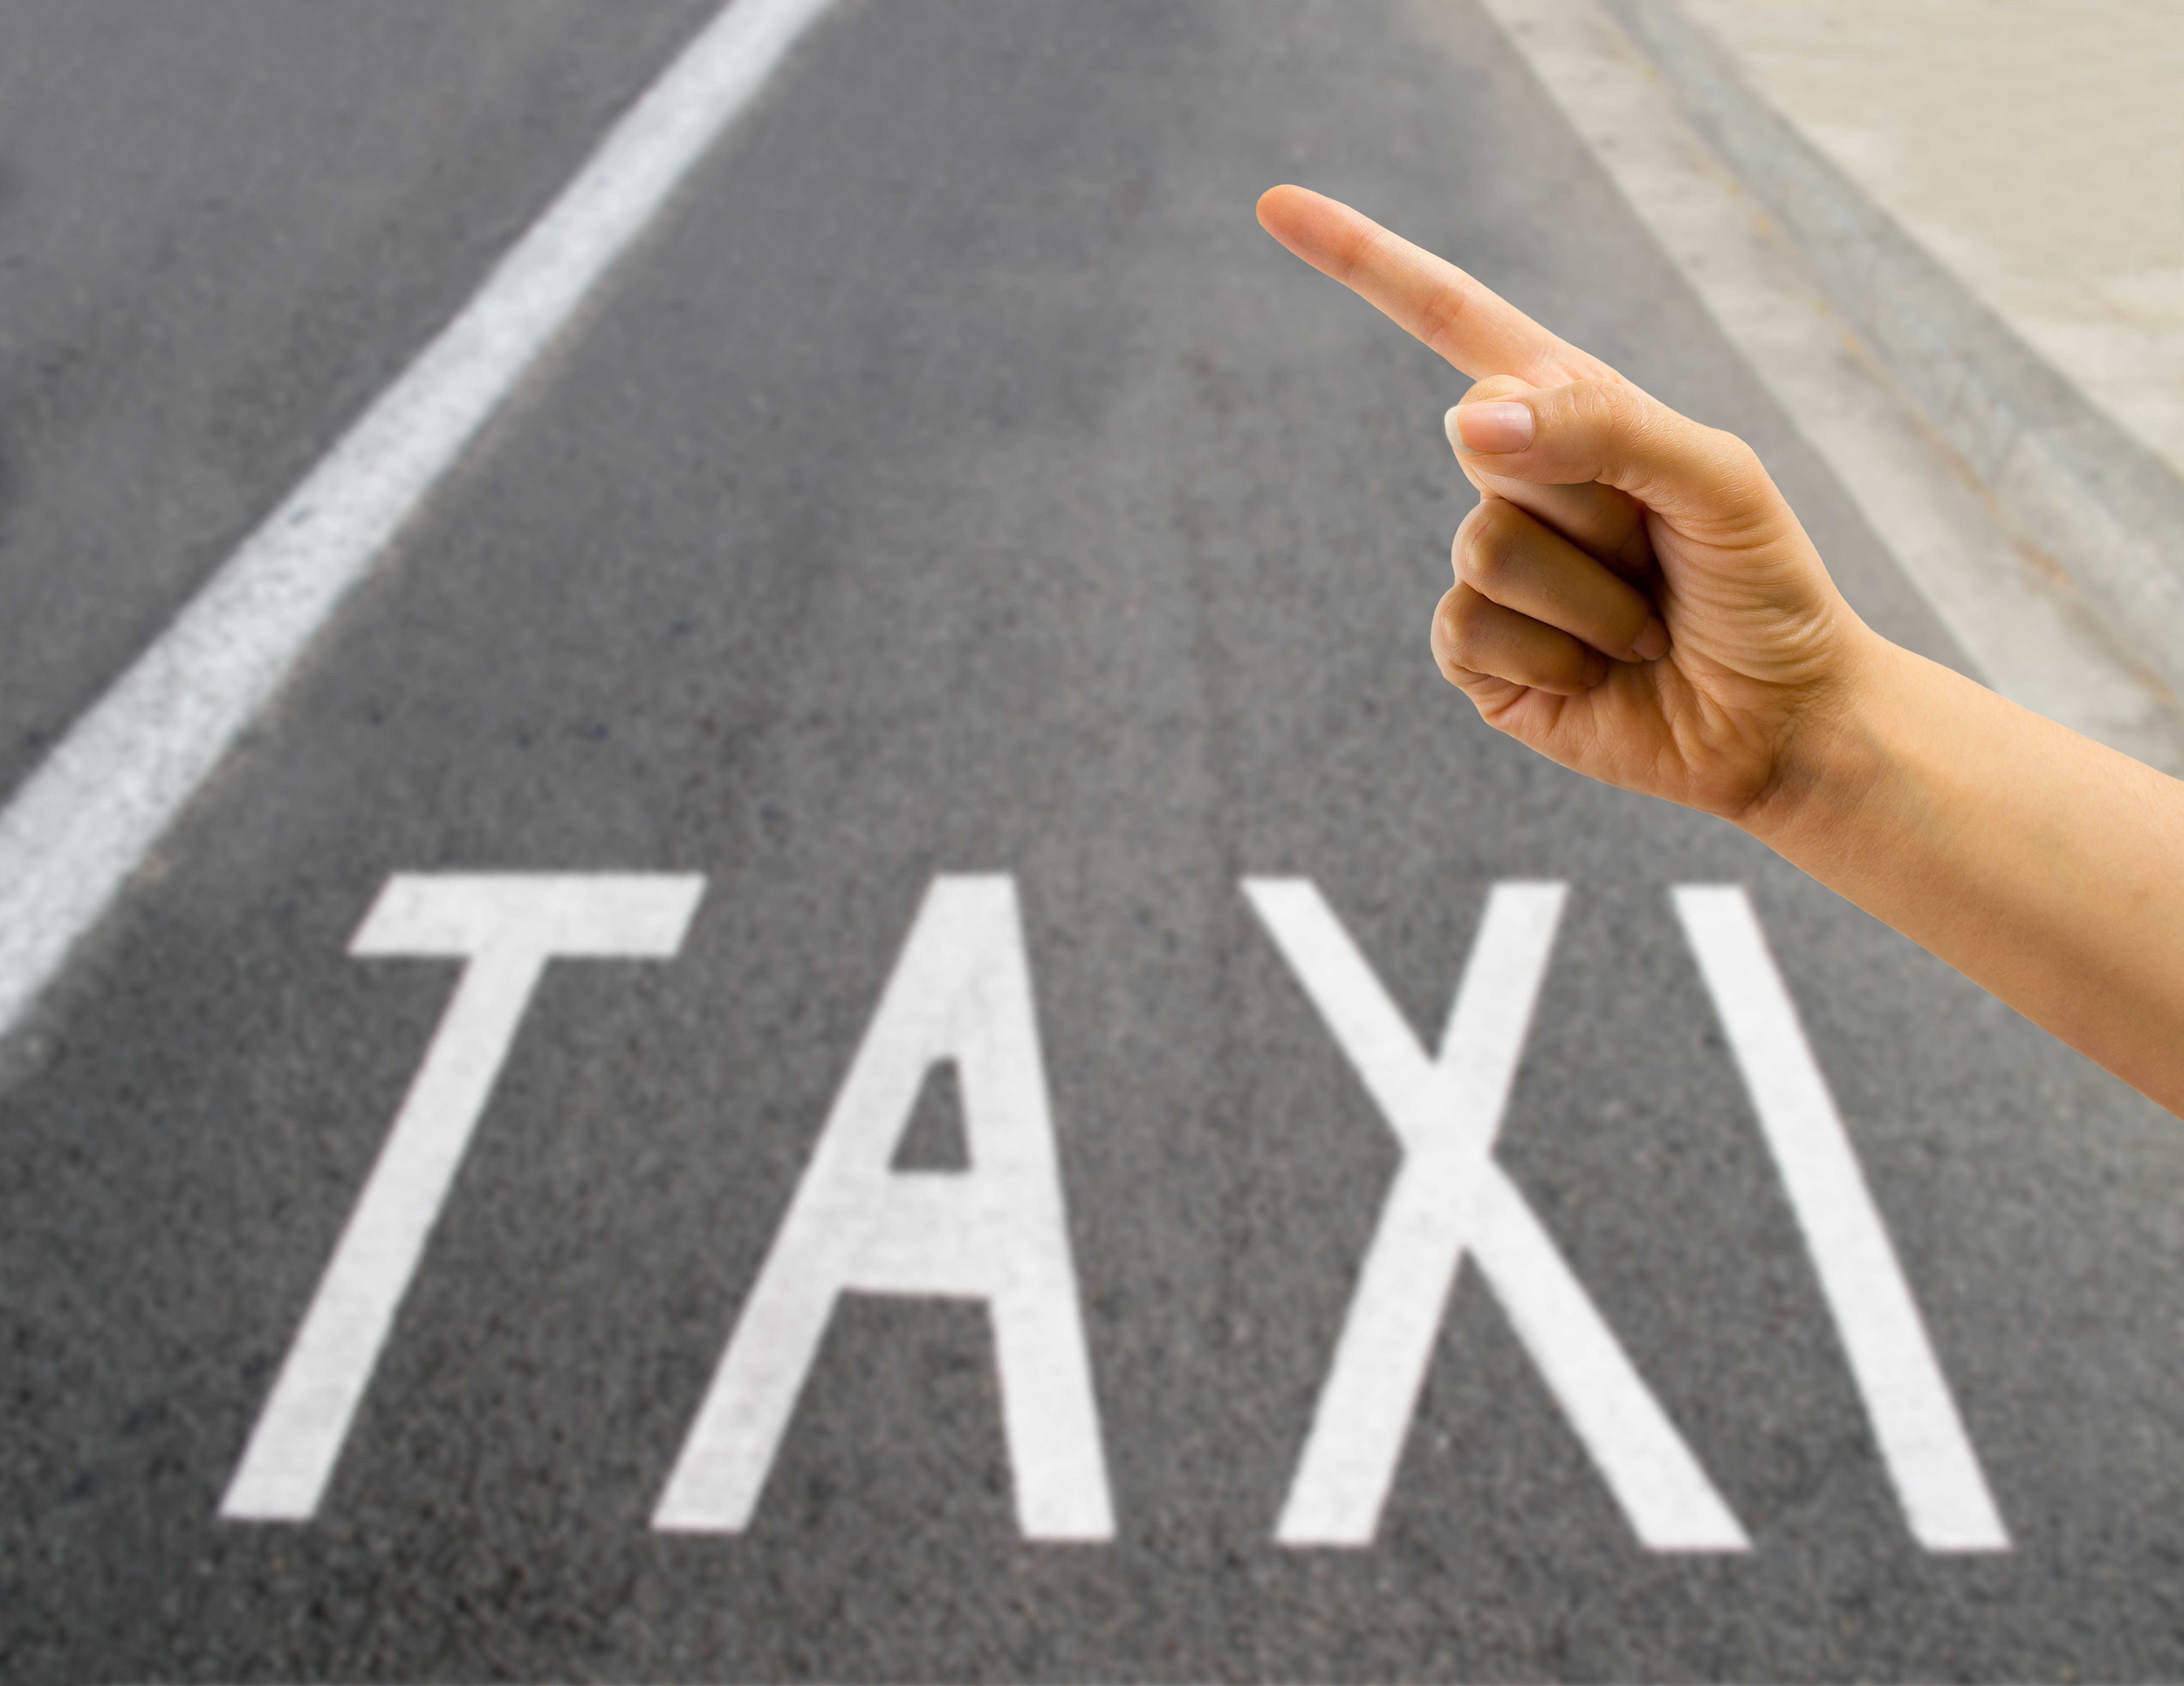 Taxi 24 horas: Servicios de Taxi Bergara